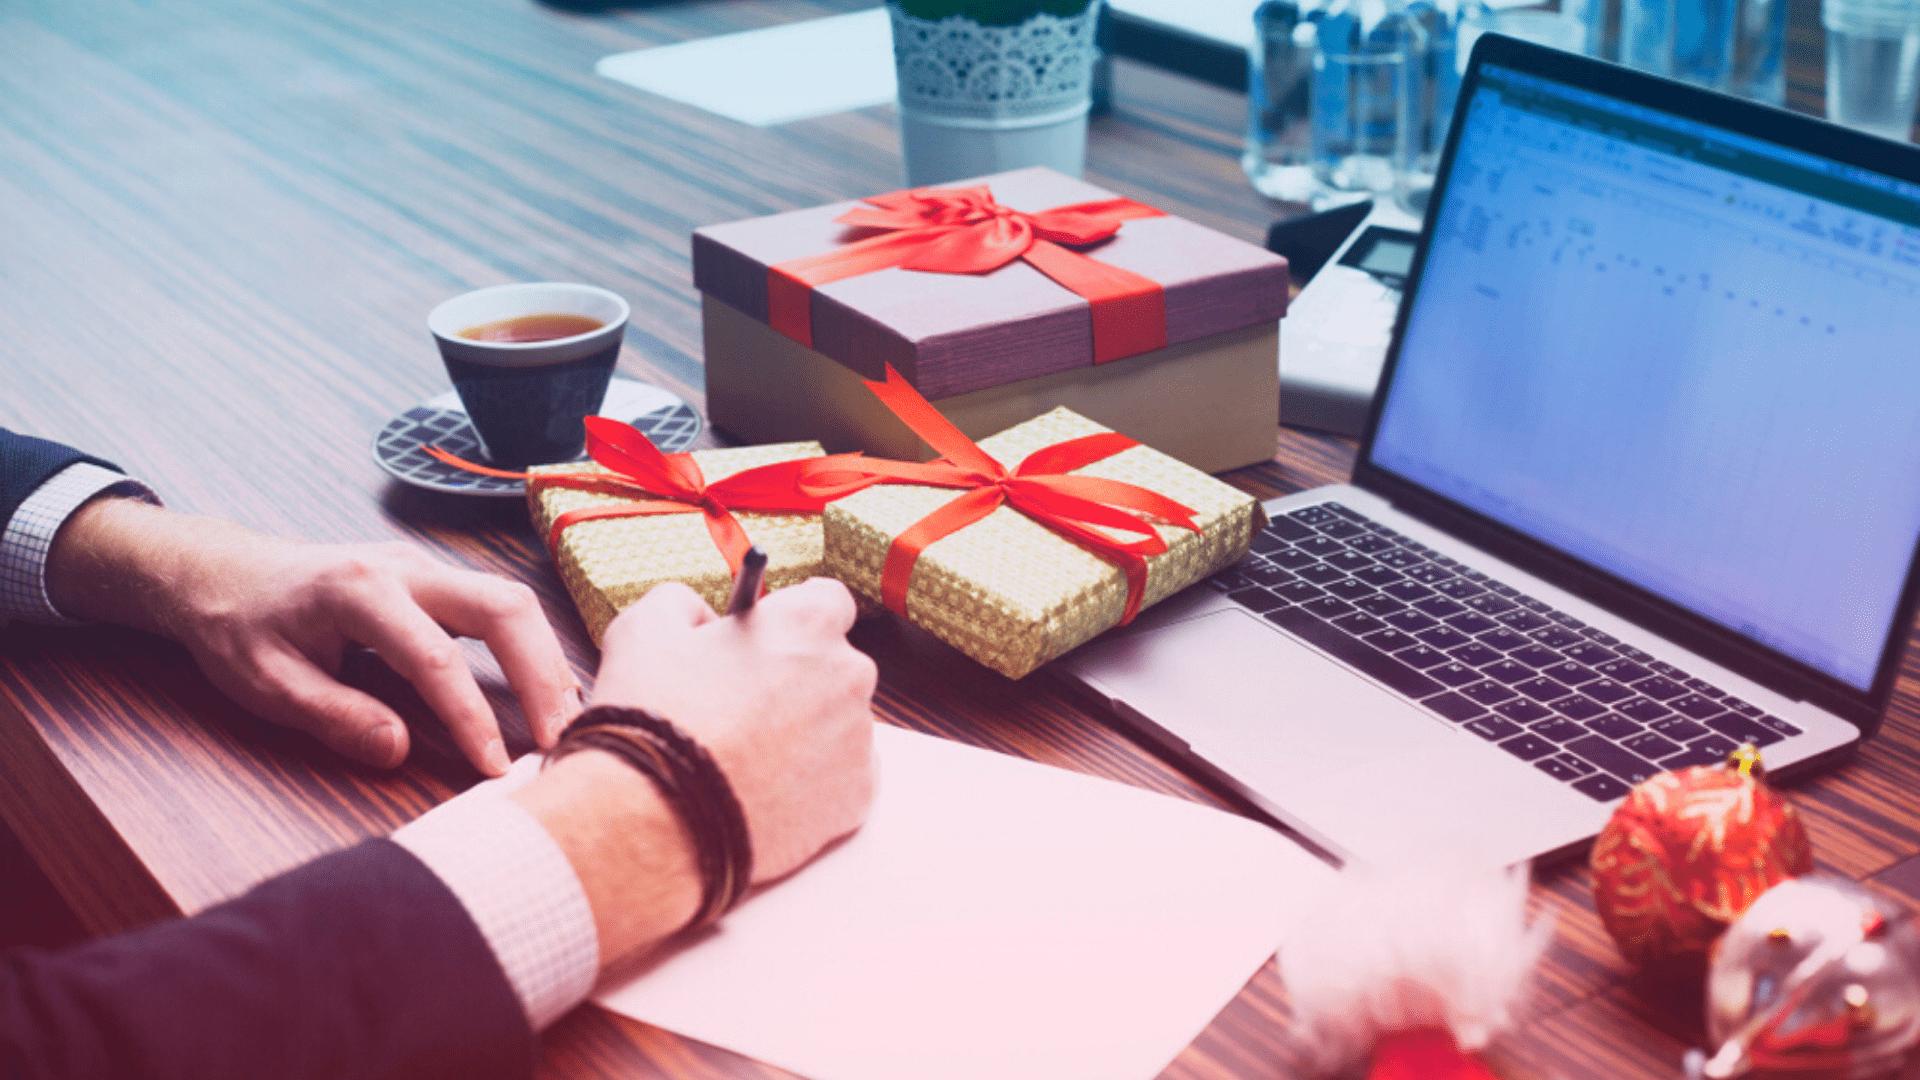 Encontre o presente ideal para o seu amigo secreto! (Imagem: Reprodução/Shutterstock)